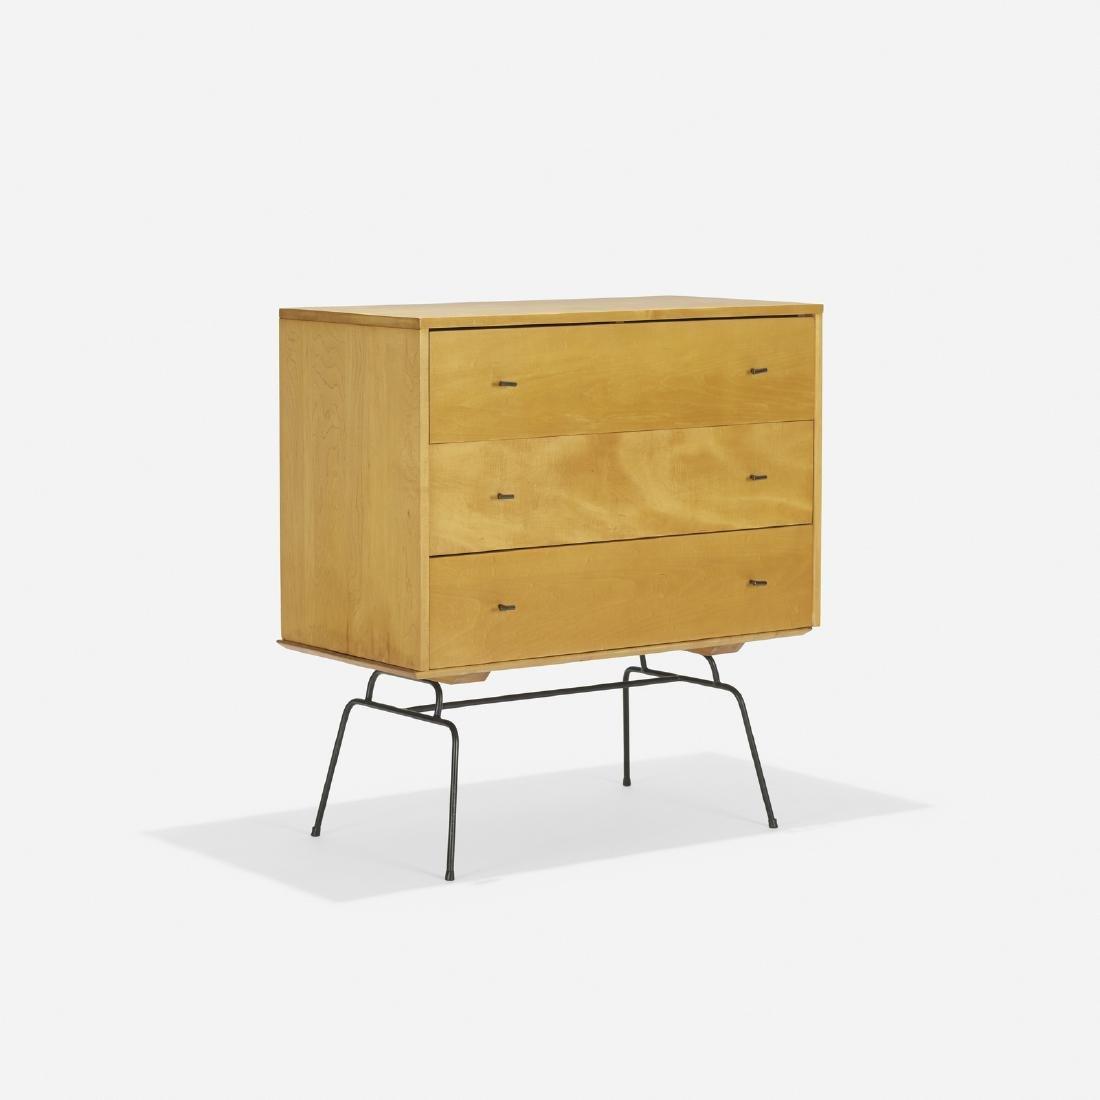 Paul McCobb, Planner Group cabinet, model 1508